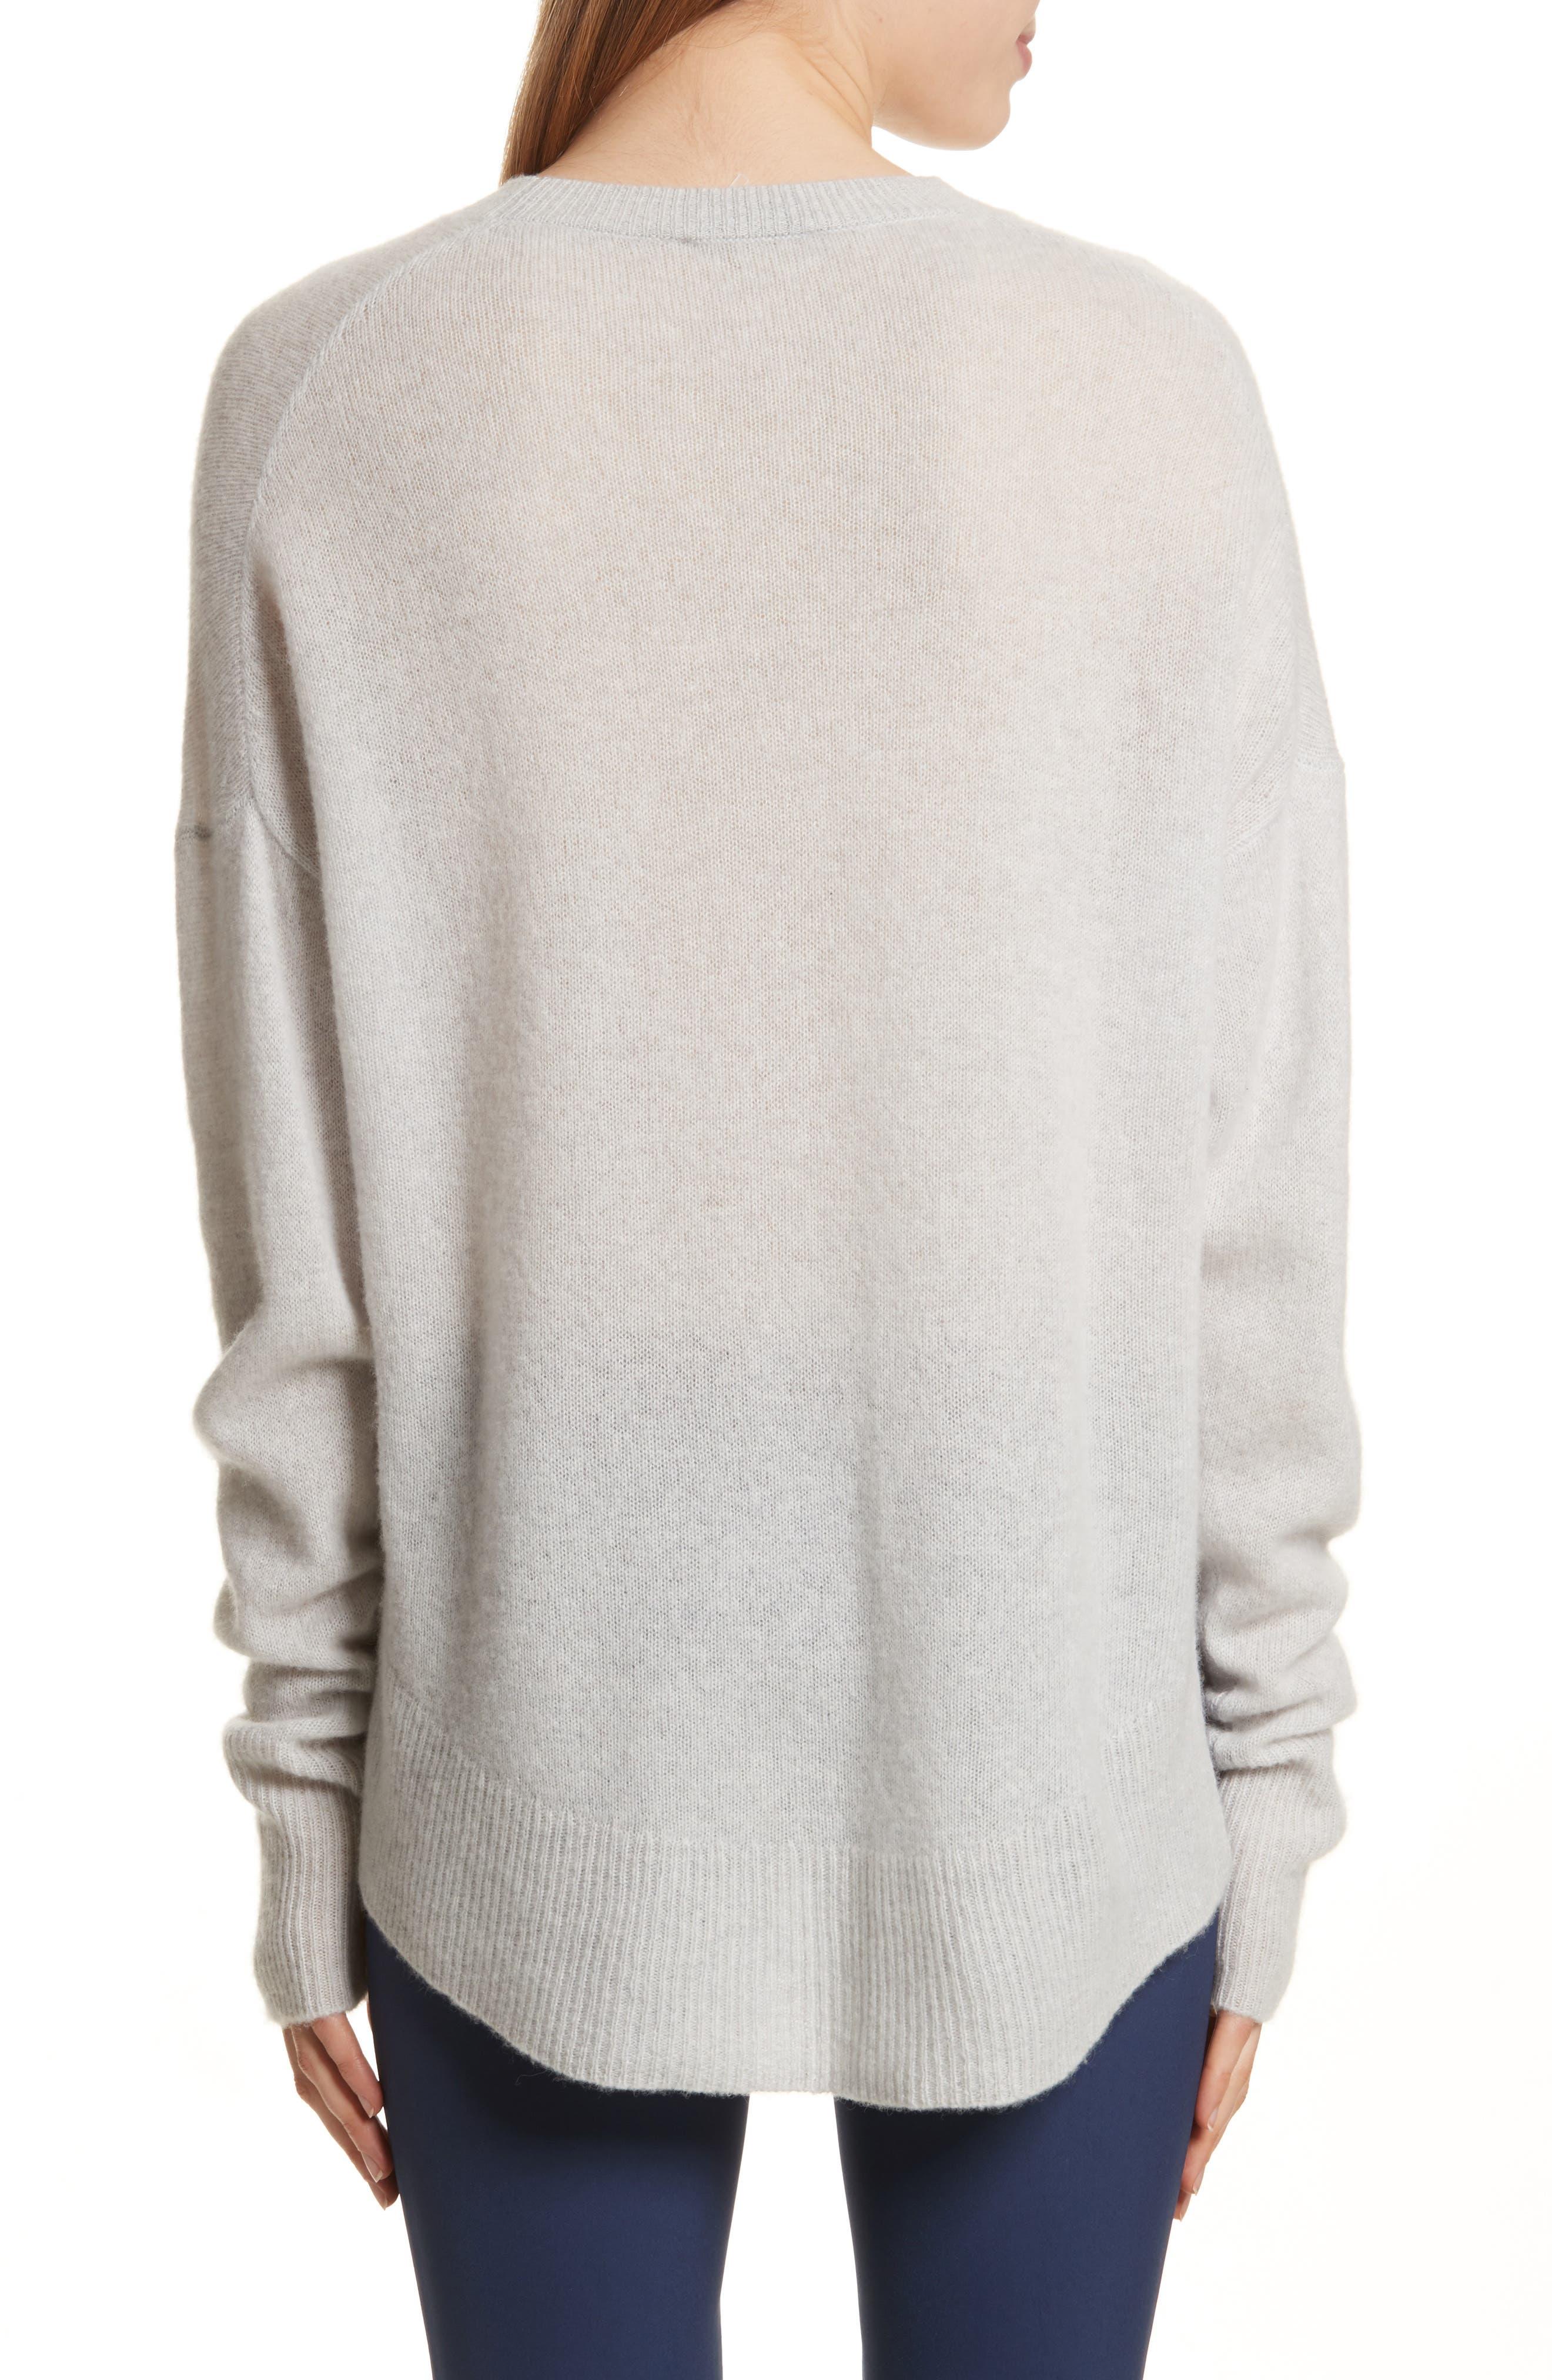 Karenia L Cashmere Sweater,                             Alternate thumbnail 6, color,